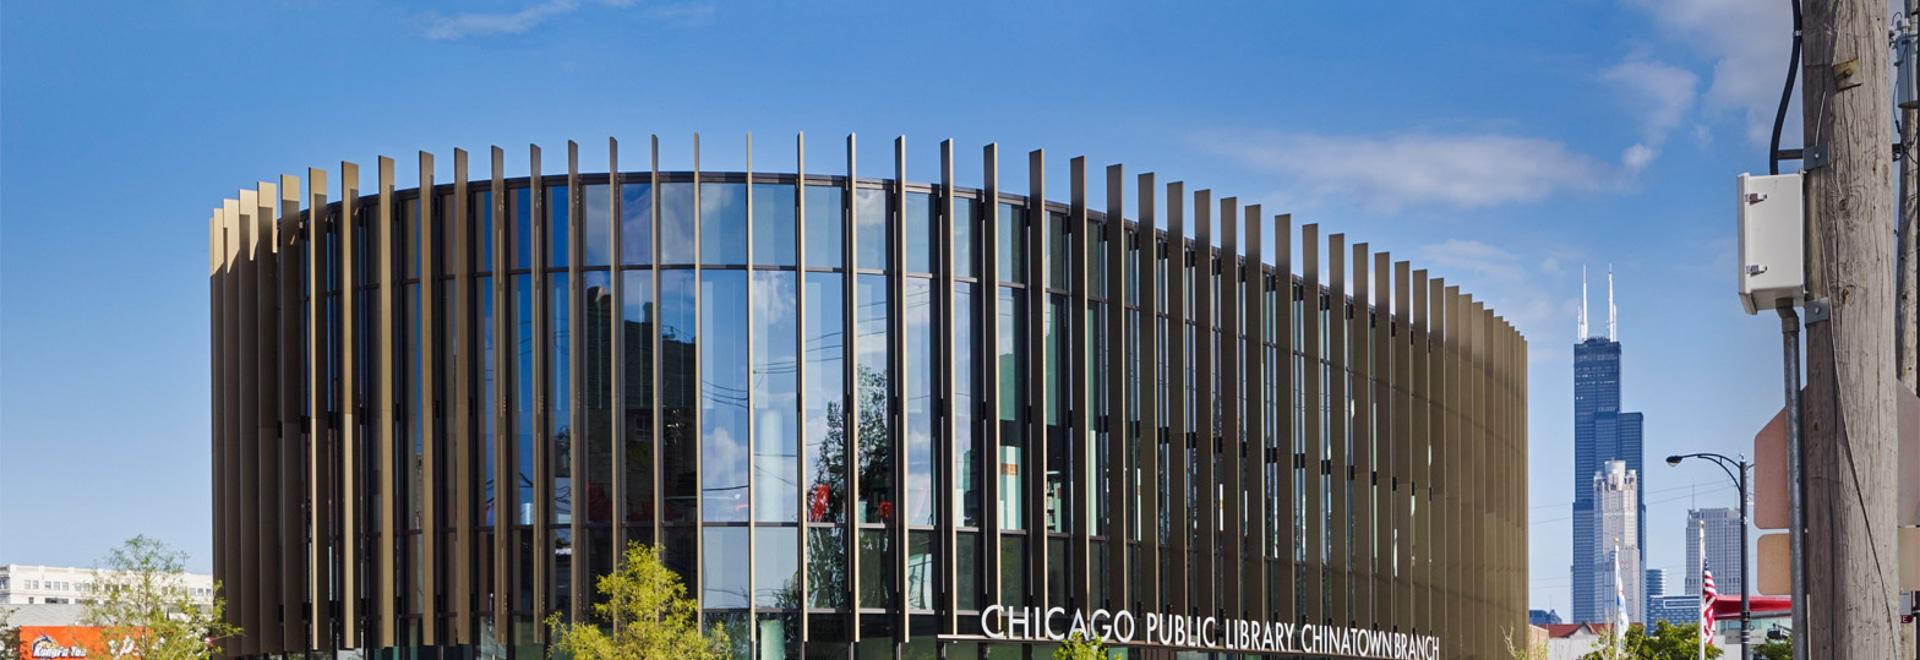 ¿El SOM crea una biblioteca circular envuelta en las aletas de aluminio para Chicago? s Chinatown